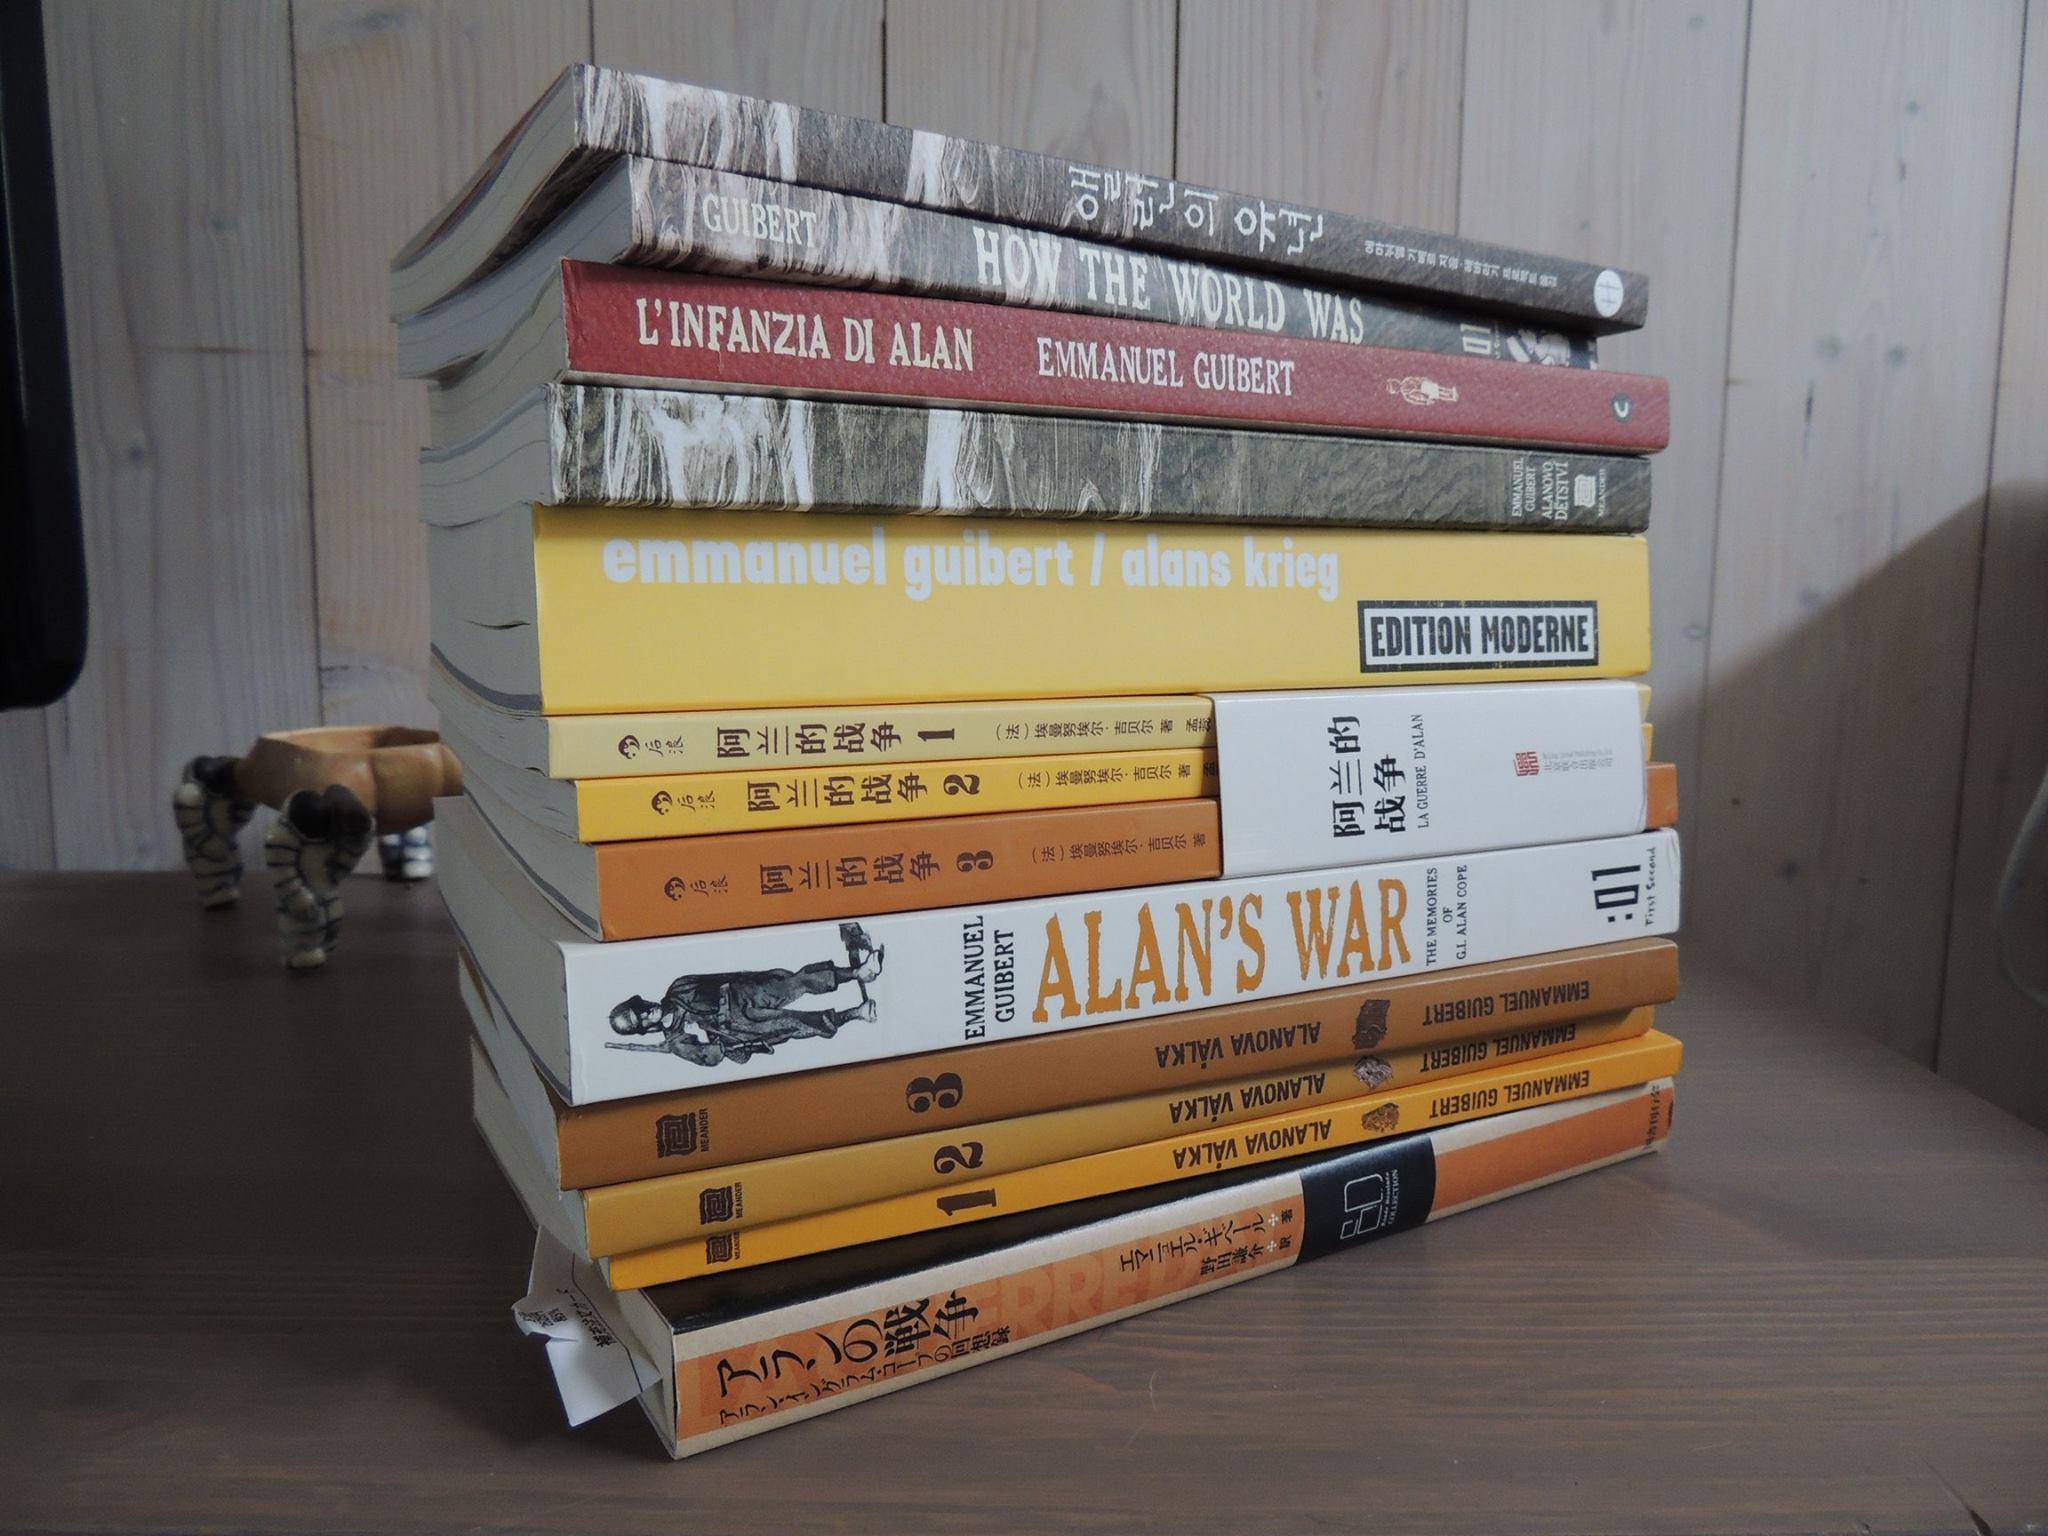 Guibert - quelques livres traduits